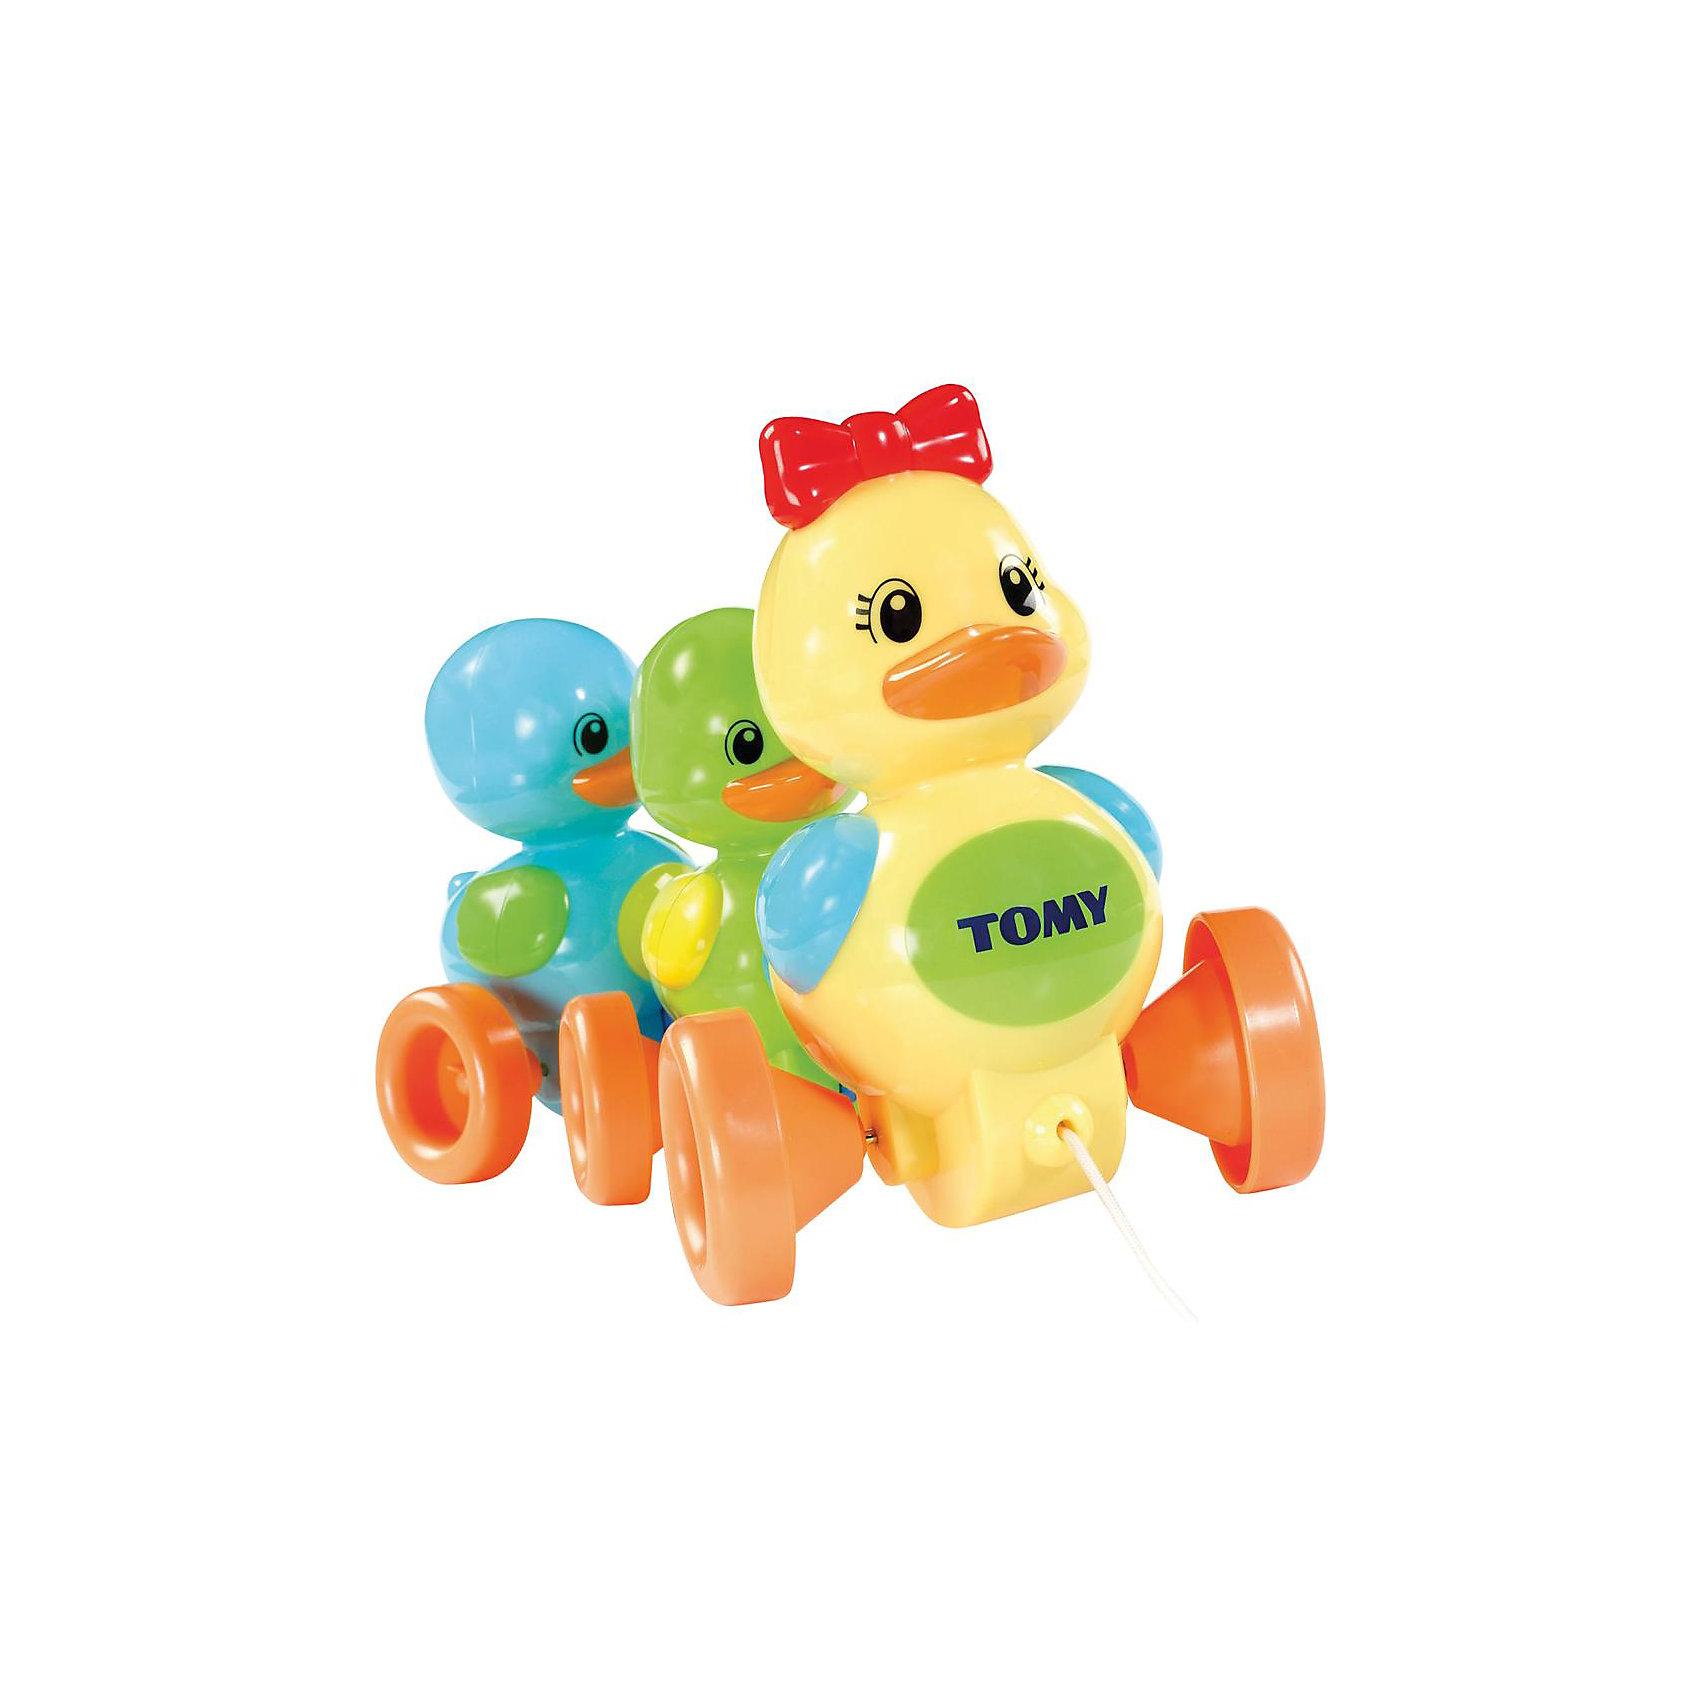 Игрушка-каталка «Семейство уточек», TOMYРазвивающая игрушка-каталка «Семейство уточек» известного бренда TOMY (Томи) из серии PLAY TO LEARN.<br><br>Только Ваш малыш дёрнет за верёвочку и потянет игрушку за собой, как семейство из троих утят начнёт радостно напевать милейшую утиную песенку, следуя за малышом!<br><br>Красочная игрушка представляет собой каталку из трёх разноцветных уточек: мамы и её детишек-утят. Впереди игрушки находиться верёвочка, за которую Ваш малыш может катать семейство уточек за собой почти по любой поверхности! Такая прогулка всегда сопровождается забавными звуками. Потянув за верёвочку, утята начинают задорно петь. <br><br>Песенки утят также можно переключать с помощью красного бантика на голове у мамы-утки. Более того, уникальная конструкция каталки позволяет семейству утят при движении переваливаться от одного бока к другому, что очень похоже на походку настоящих уток!<br><br>С помощью этой каталки у Вашего ребёнка будут развиваться восприятие и слуховые навыки, которые необходимы на ранних стадиях развития.  Толкая данную игрушку перед собой и ползая за ней, Ваш малыш сможет быстрее научиться ходить. <br><br>Дополнительная информация:<br><br>- Размер: 21 х 30 х 16 см (высота х ширина х глубина)<br>- Материал: высококачесвенный пластик<br>- Вес: 500 гр<br>- работает на трёх батарейках (входят в комплект)<br><br>Ширина мм: 160<br>Глубина мм: 300<br>Высота мм: 210<br>Вес г: 602<br>Возраст от месяцев: 6<br>Возраст до месяцев: 24<br>Пол: Унисекс<br>Возраст: Детский<br>SKU: 1602927